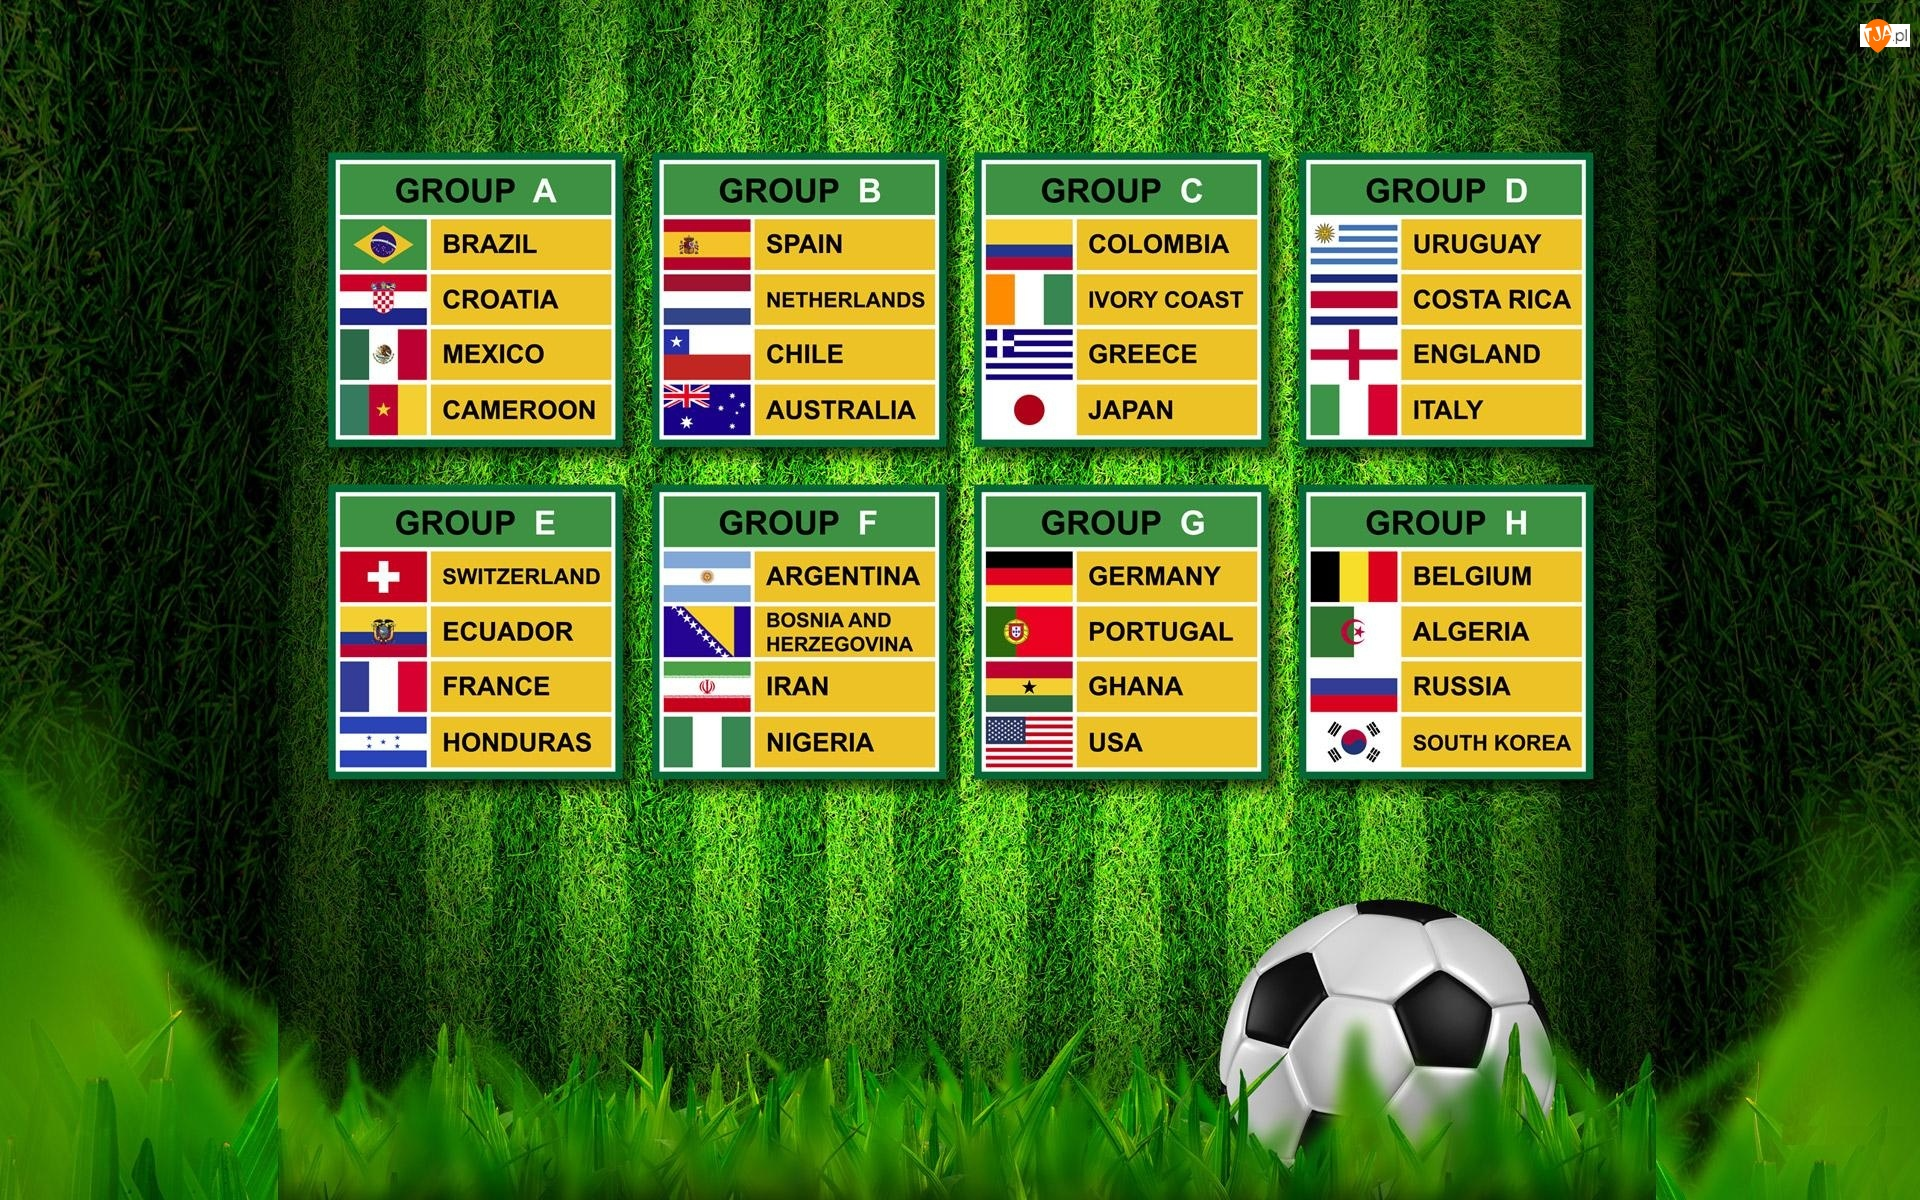 Fifa, Grupy, World, 2014